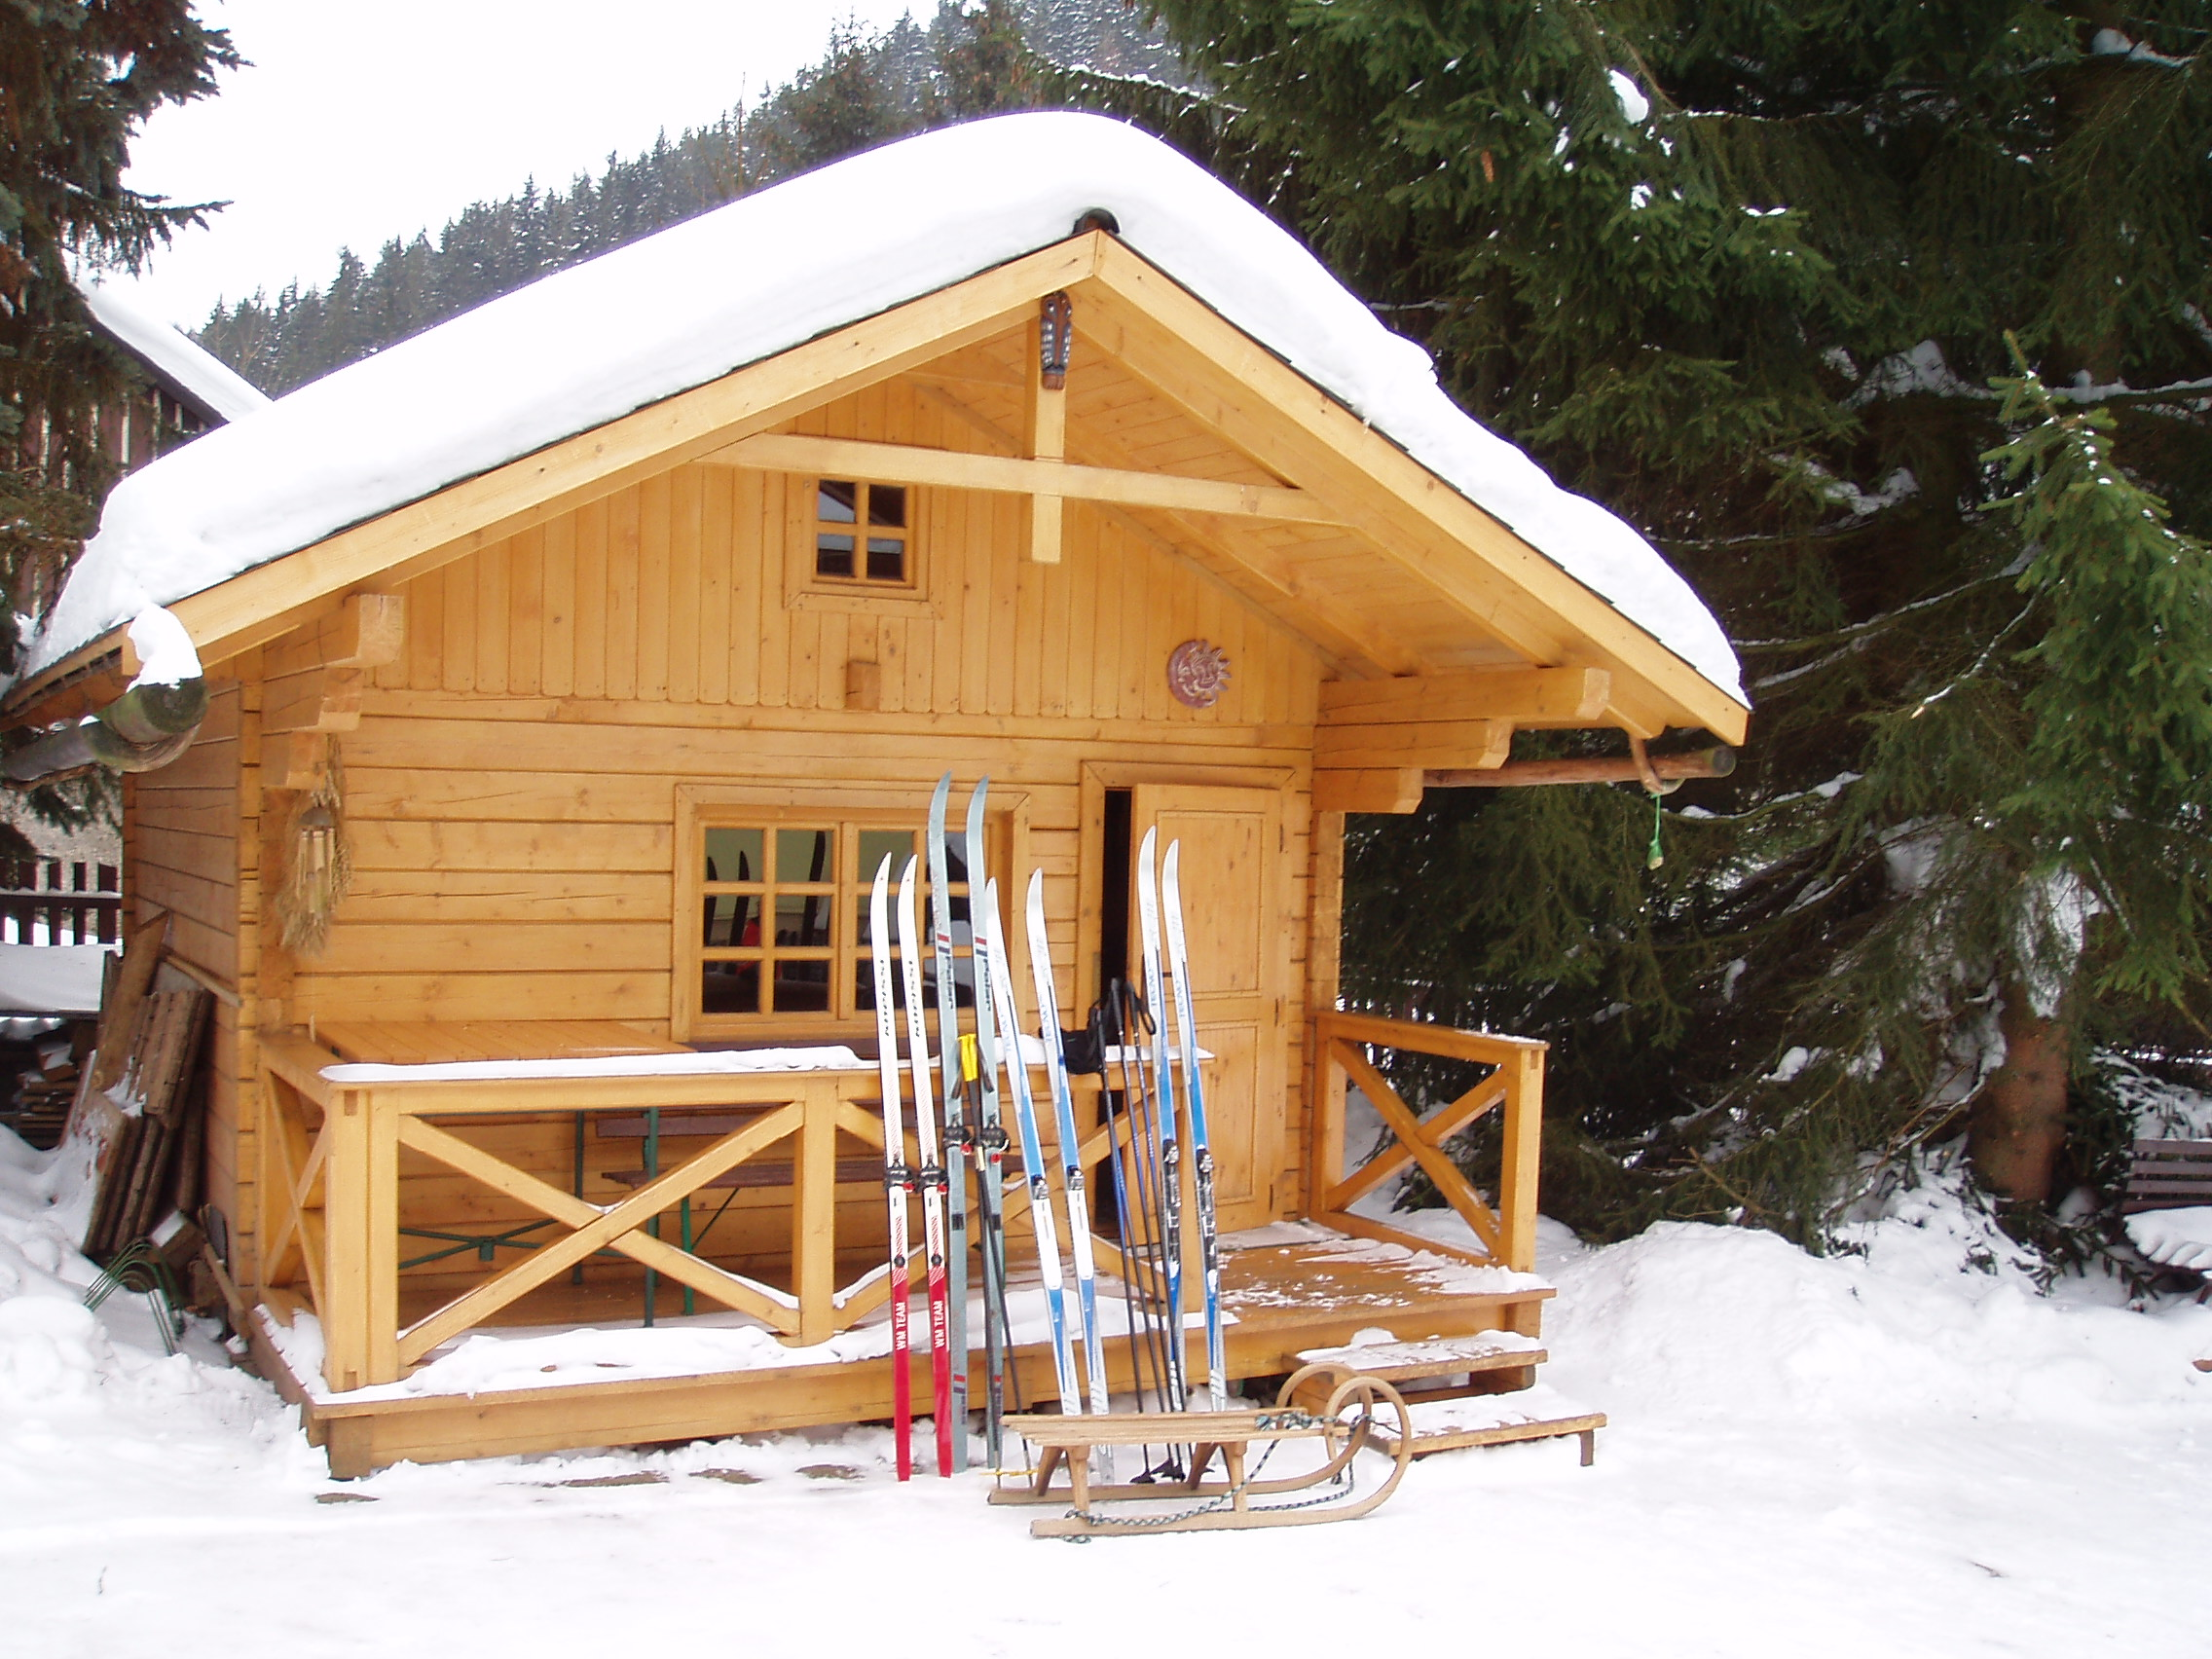 Prostor pro uložení lyží - kol